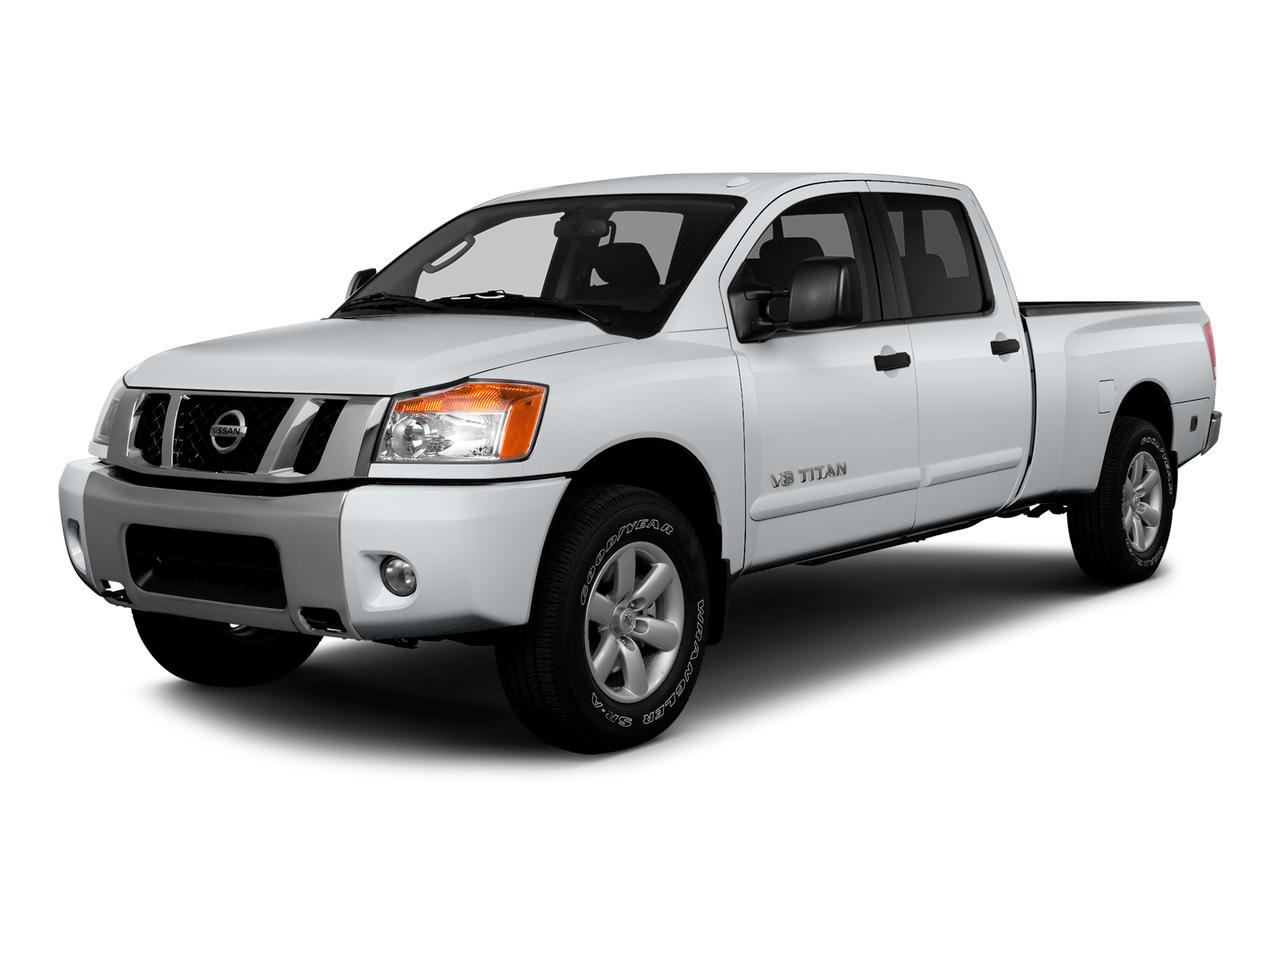 2015 Nissan Titan Vehicle Photo in Helena, MT 59601